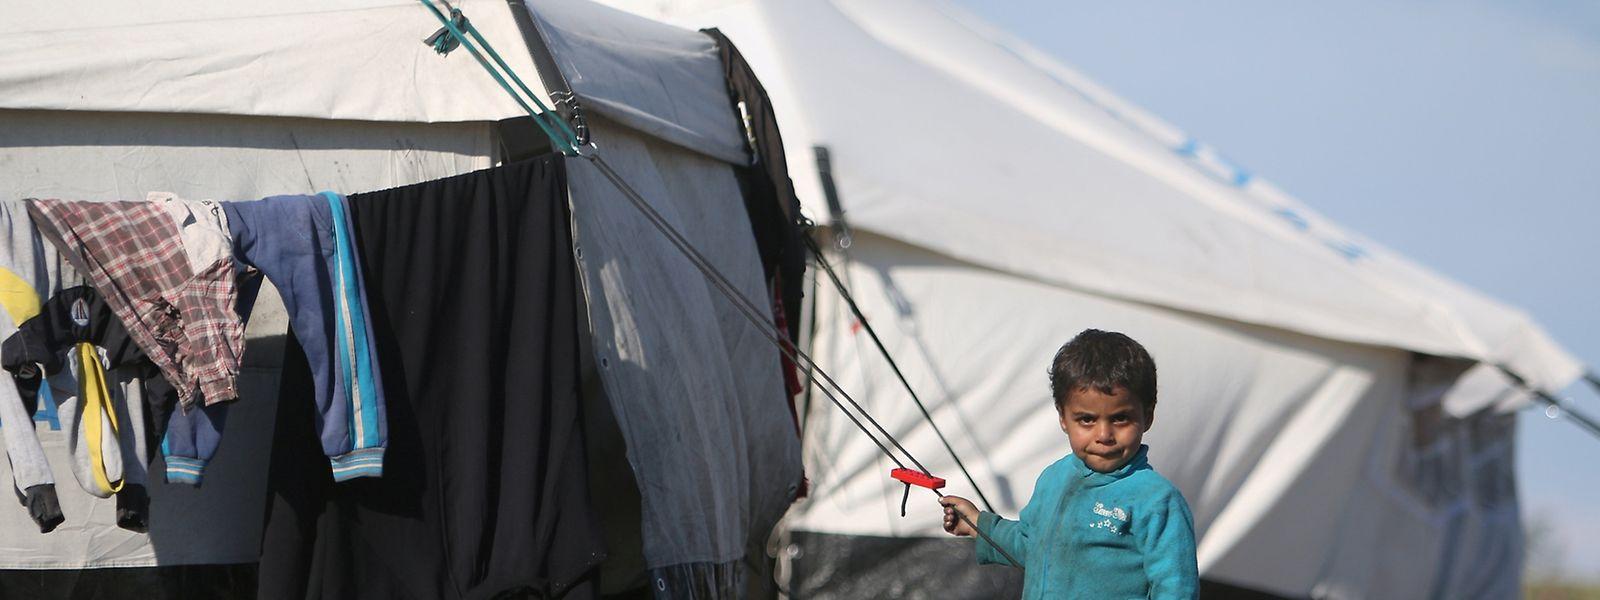 Beispiel Syrien: Flüchtlingslager als letzter Strohhalm, an den sich die Menschen klammern.